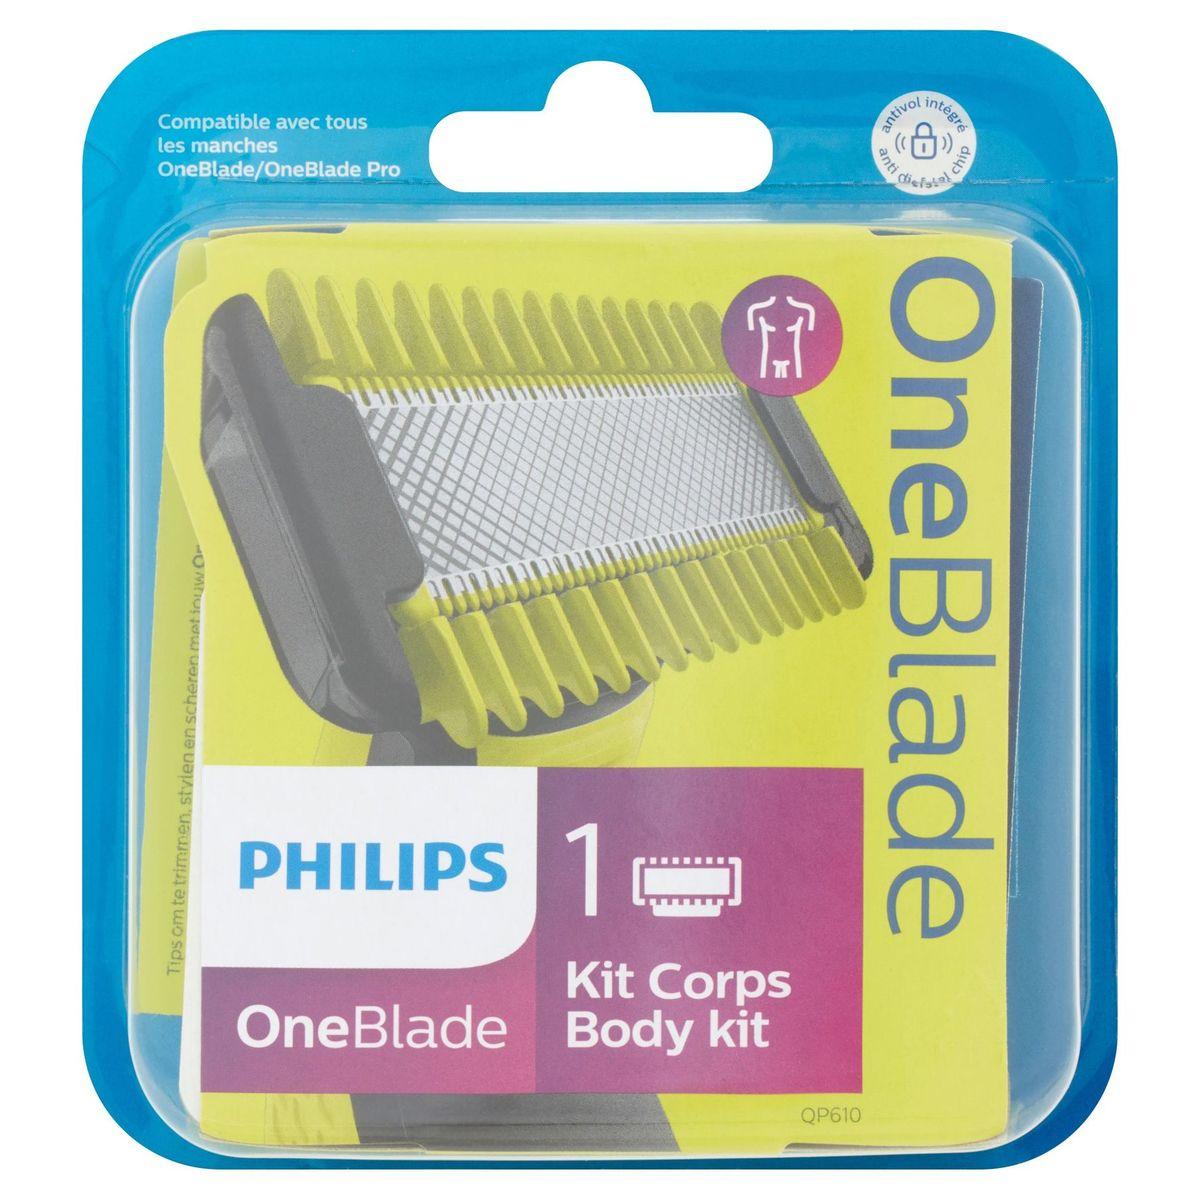 Philips OneBlade Body Kit